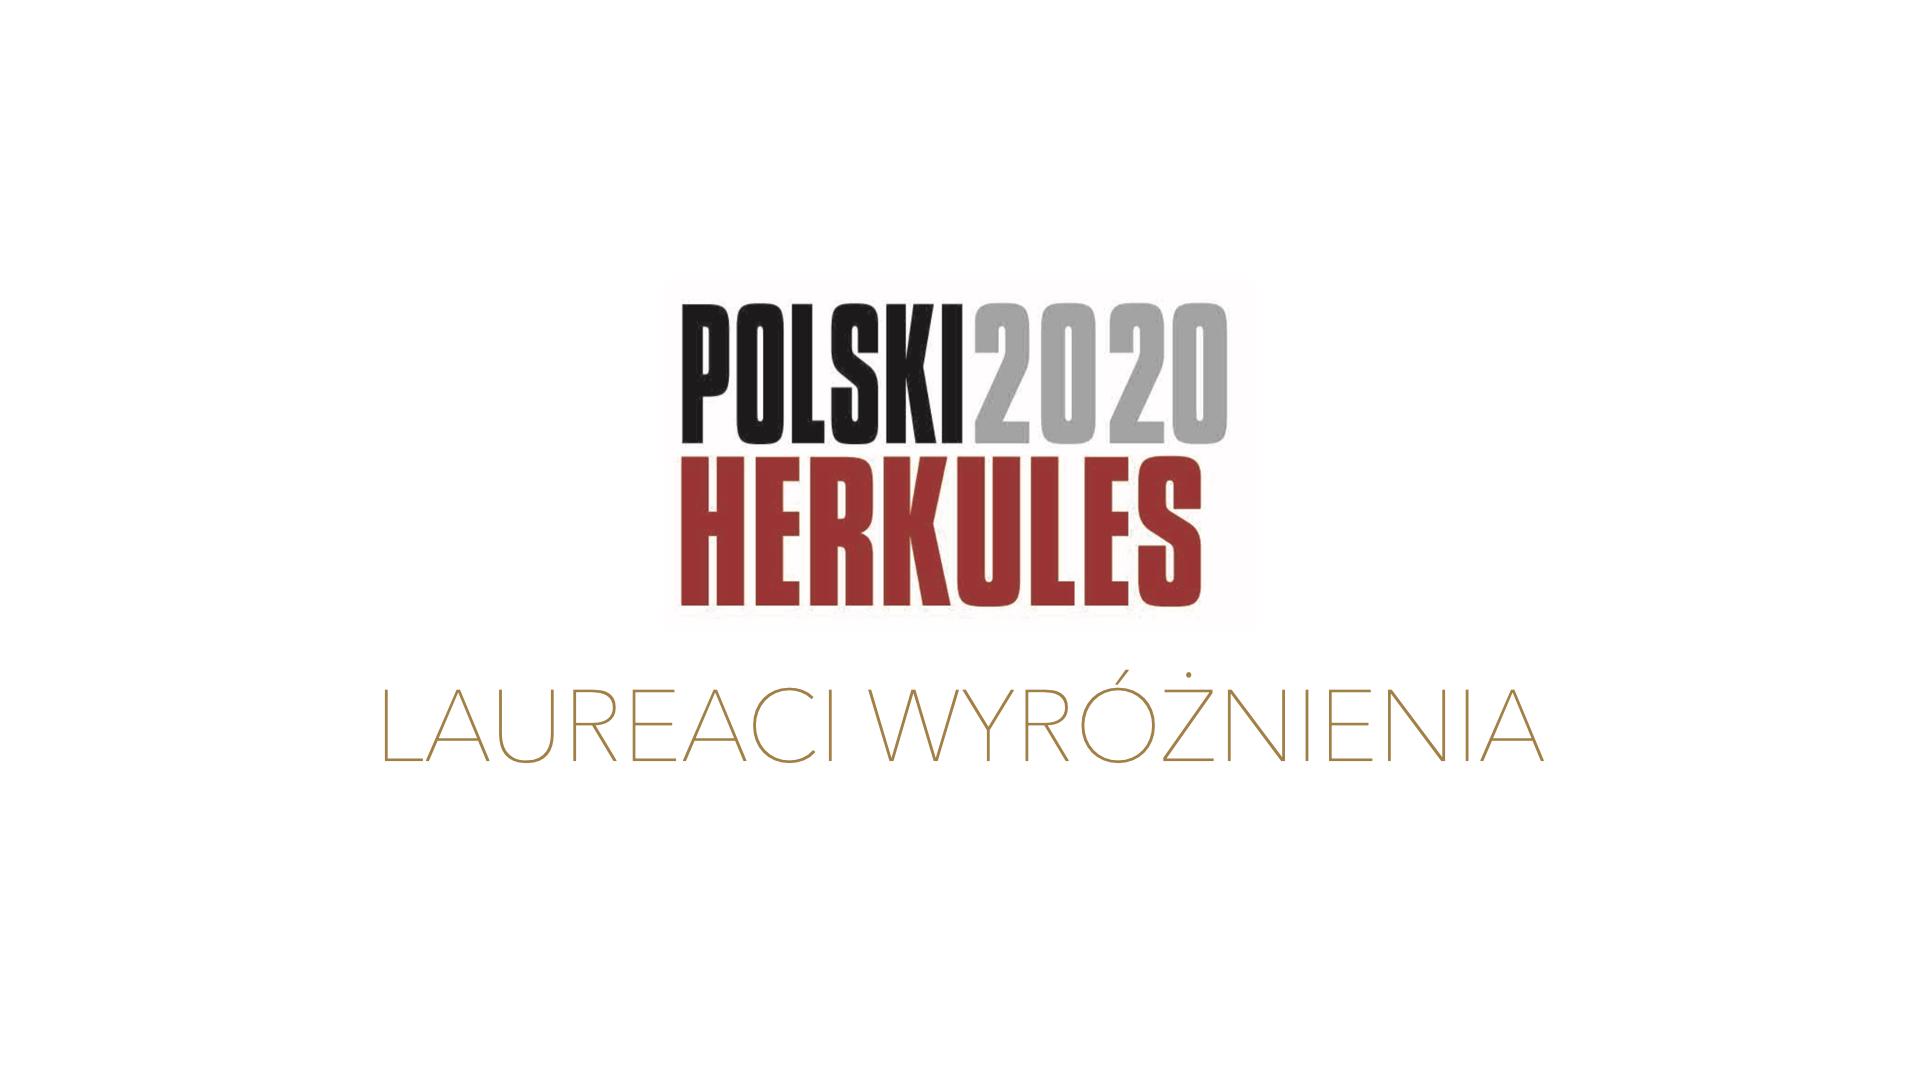 LAUREACI WYRÓŻNIENIA POLSKI HERKULES 2020